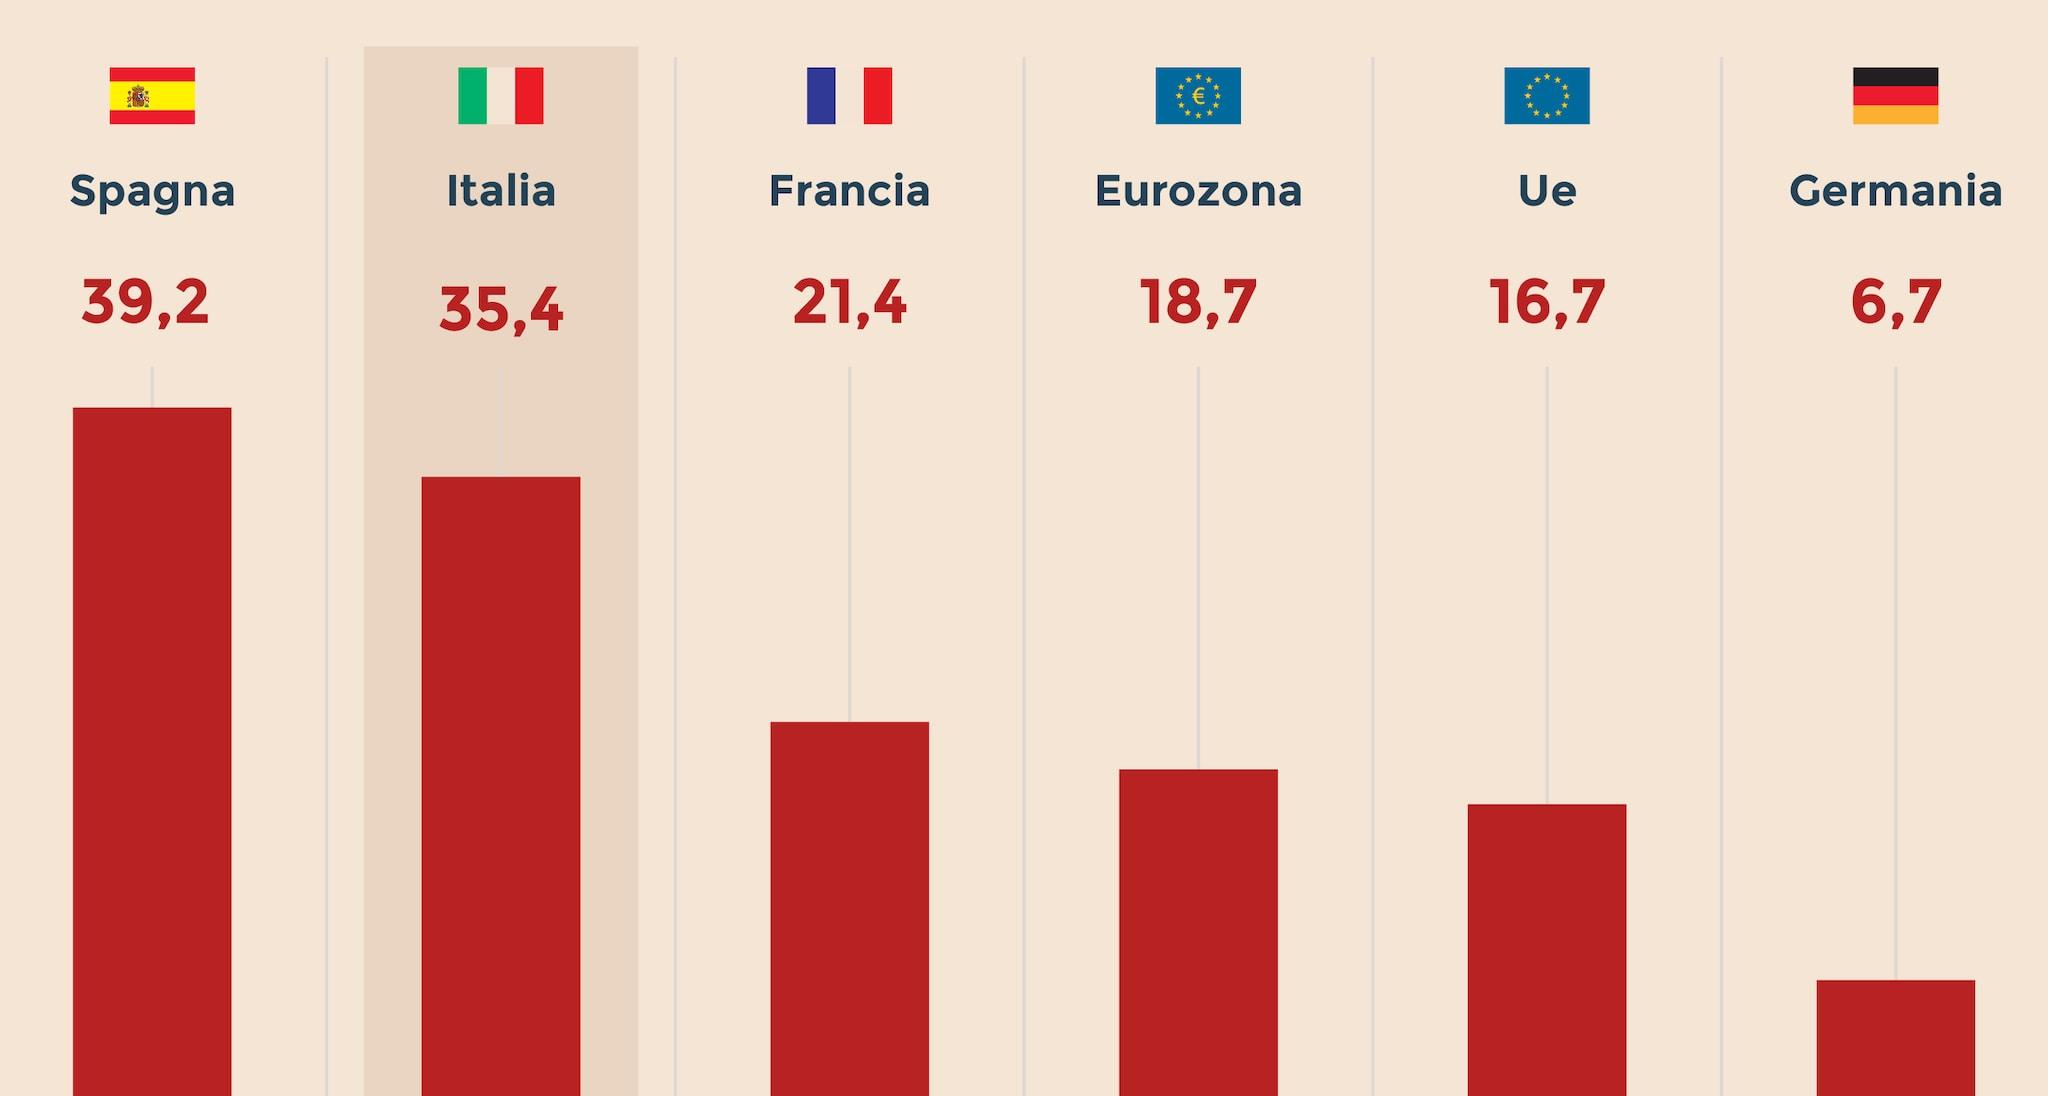 LA DISOCCUPAZIONE UNDER 25 IN EUROPA